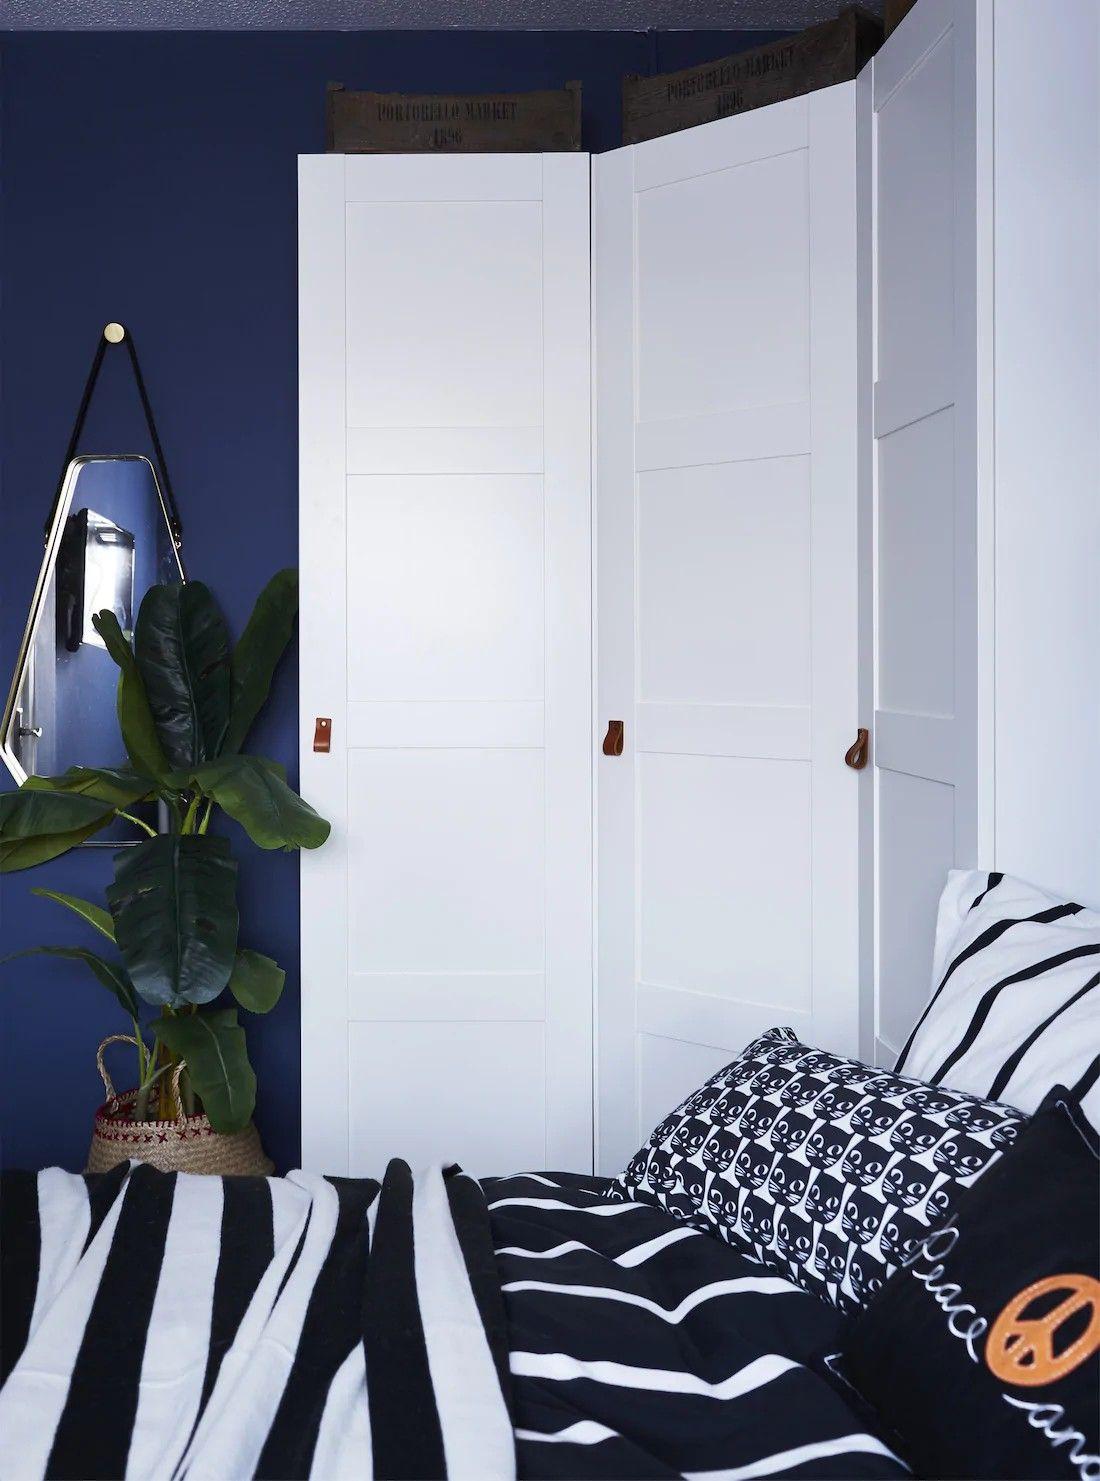 Pin Von Montserrat Lleyda Auf Bedroom Mit Bildern Eckkleiderschrank Eckschrank Schlafzimmer Eckkleiderschrank Kinderzimmer